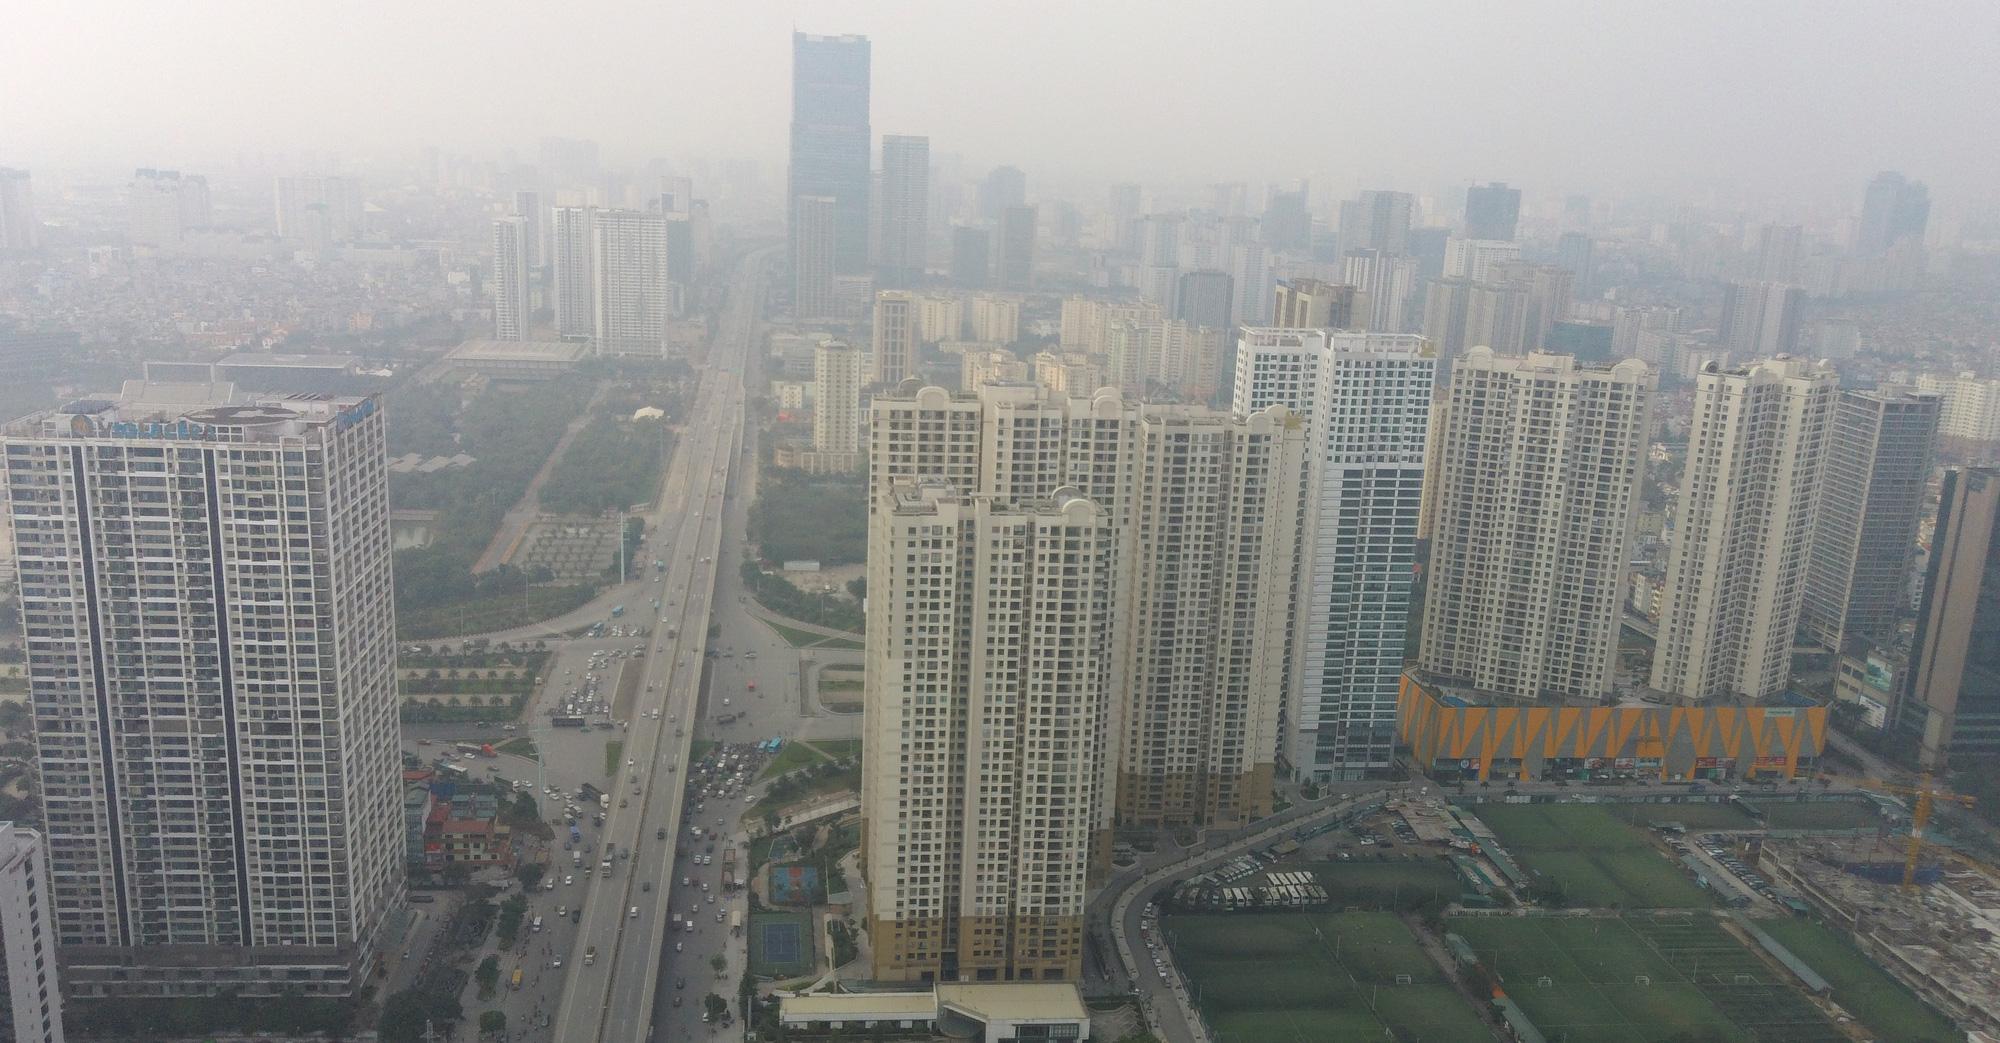 Chất lượng không khí tại Hà Nội hai tháng đầu năm 2020 chỉ có 7 ngày tốt - Ảnh 2.